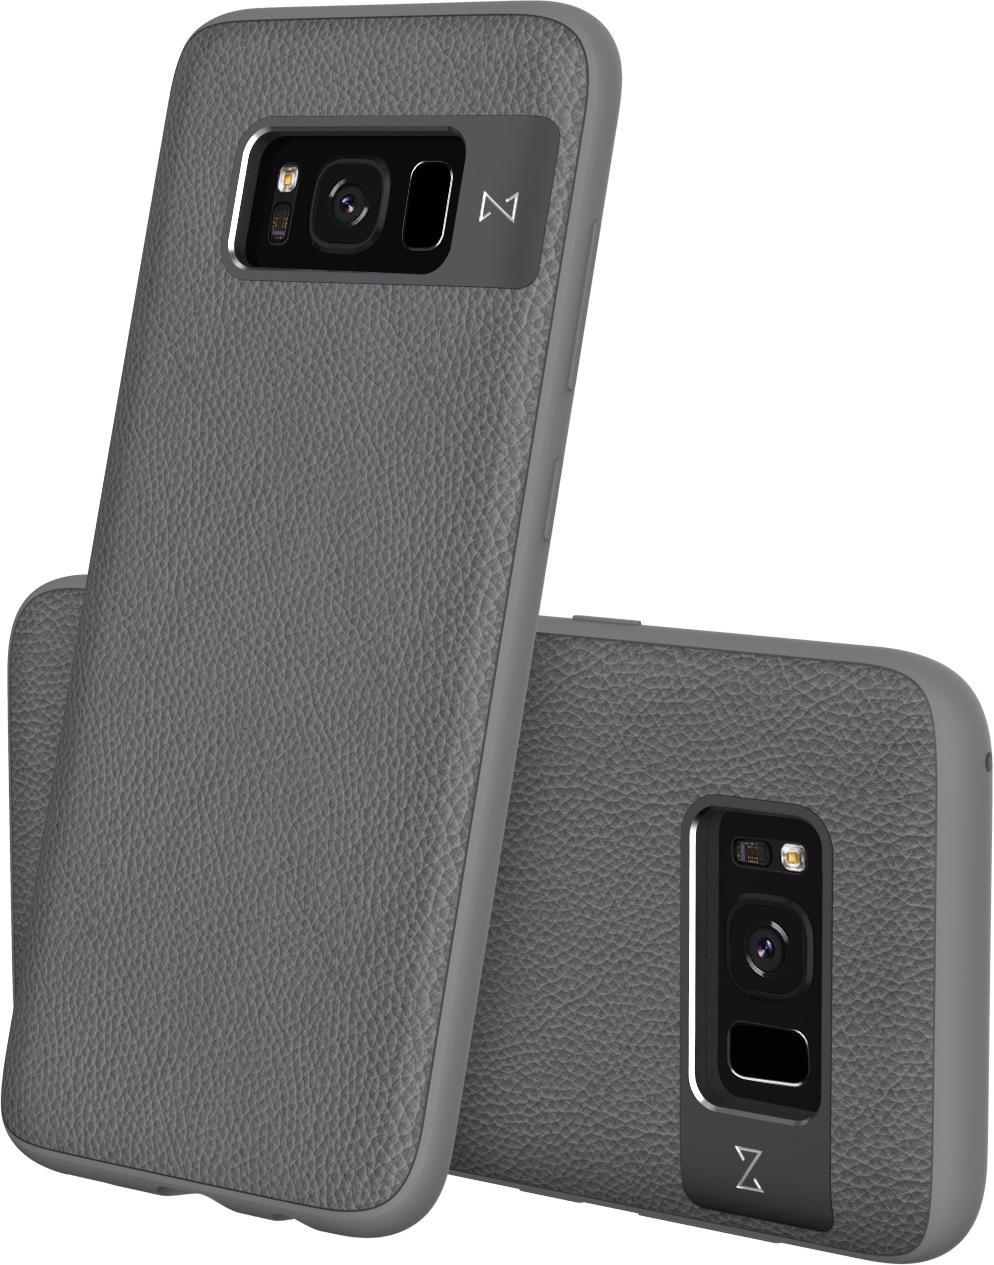 Matchnine Tailor чехол для Samsung Galaxy S8, Middle GrayENV019Чехол Matchnine Tailor - стильный аксессуар, обеспечивающий надежную защиту Samsung Galaxy S8 от ударов и других воздействий. Его задняя панель изготовлена из жесткого поликарбоната, стилизованного под кожу, а бампер - из эластичного полиуретана. Кроме того, он украшен металлической накладкой, обрамляющей камеру.Мягкая рамка позволяет быстро надевать клип-кейс. Она слегка выступает над экраном, защищая его от контактов с твердыми поверхностями.Несмотря на отличные защитные свойства, чехол практически не увеличивает размеры устройства. С ним мобильный девайс можно носить в кармане или в специальном отделении сумки. Вырезы в клип-кейсе предоставляют доступ к важнейшим деталям смартфона, включая камеры, кнопки и разъемы.